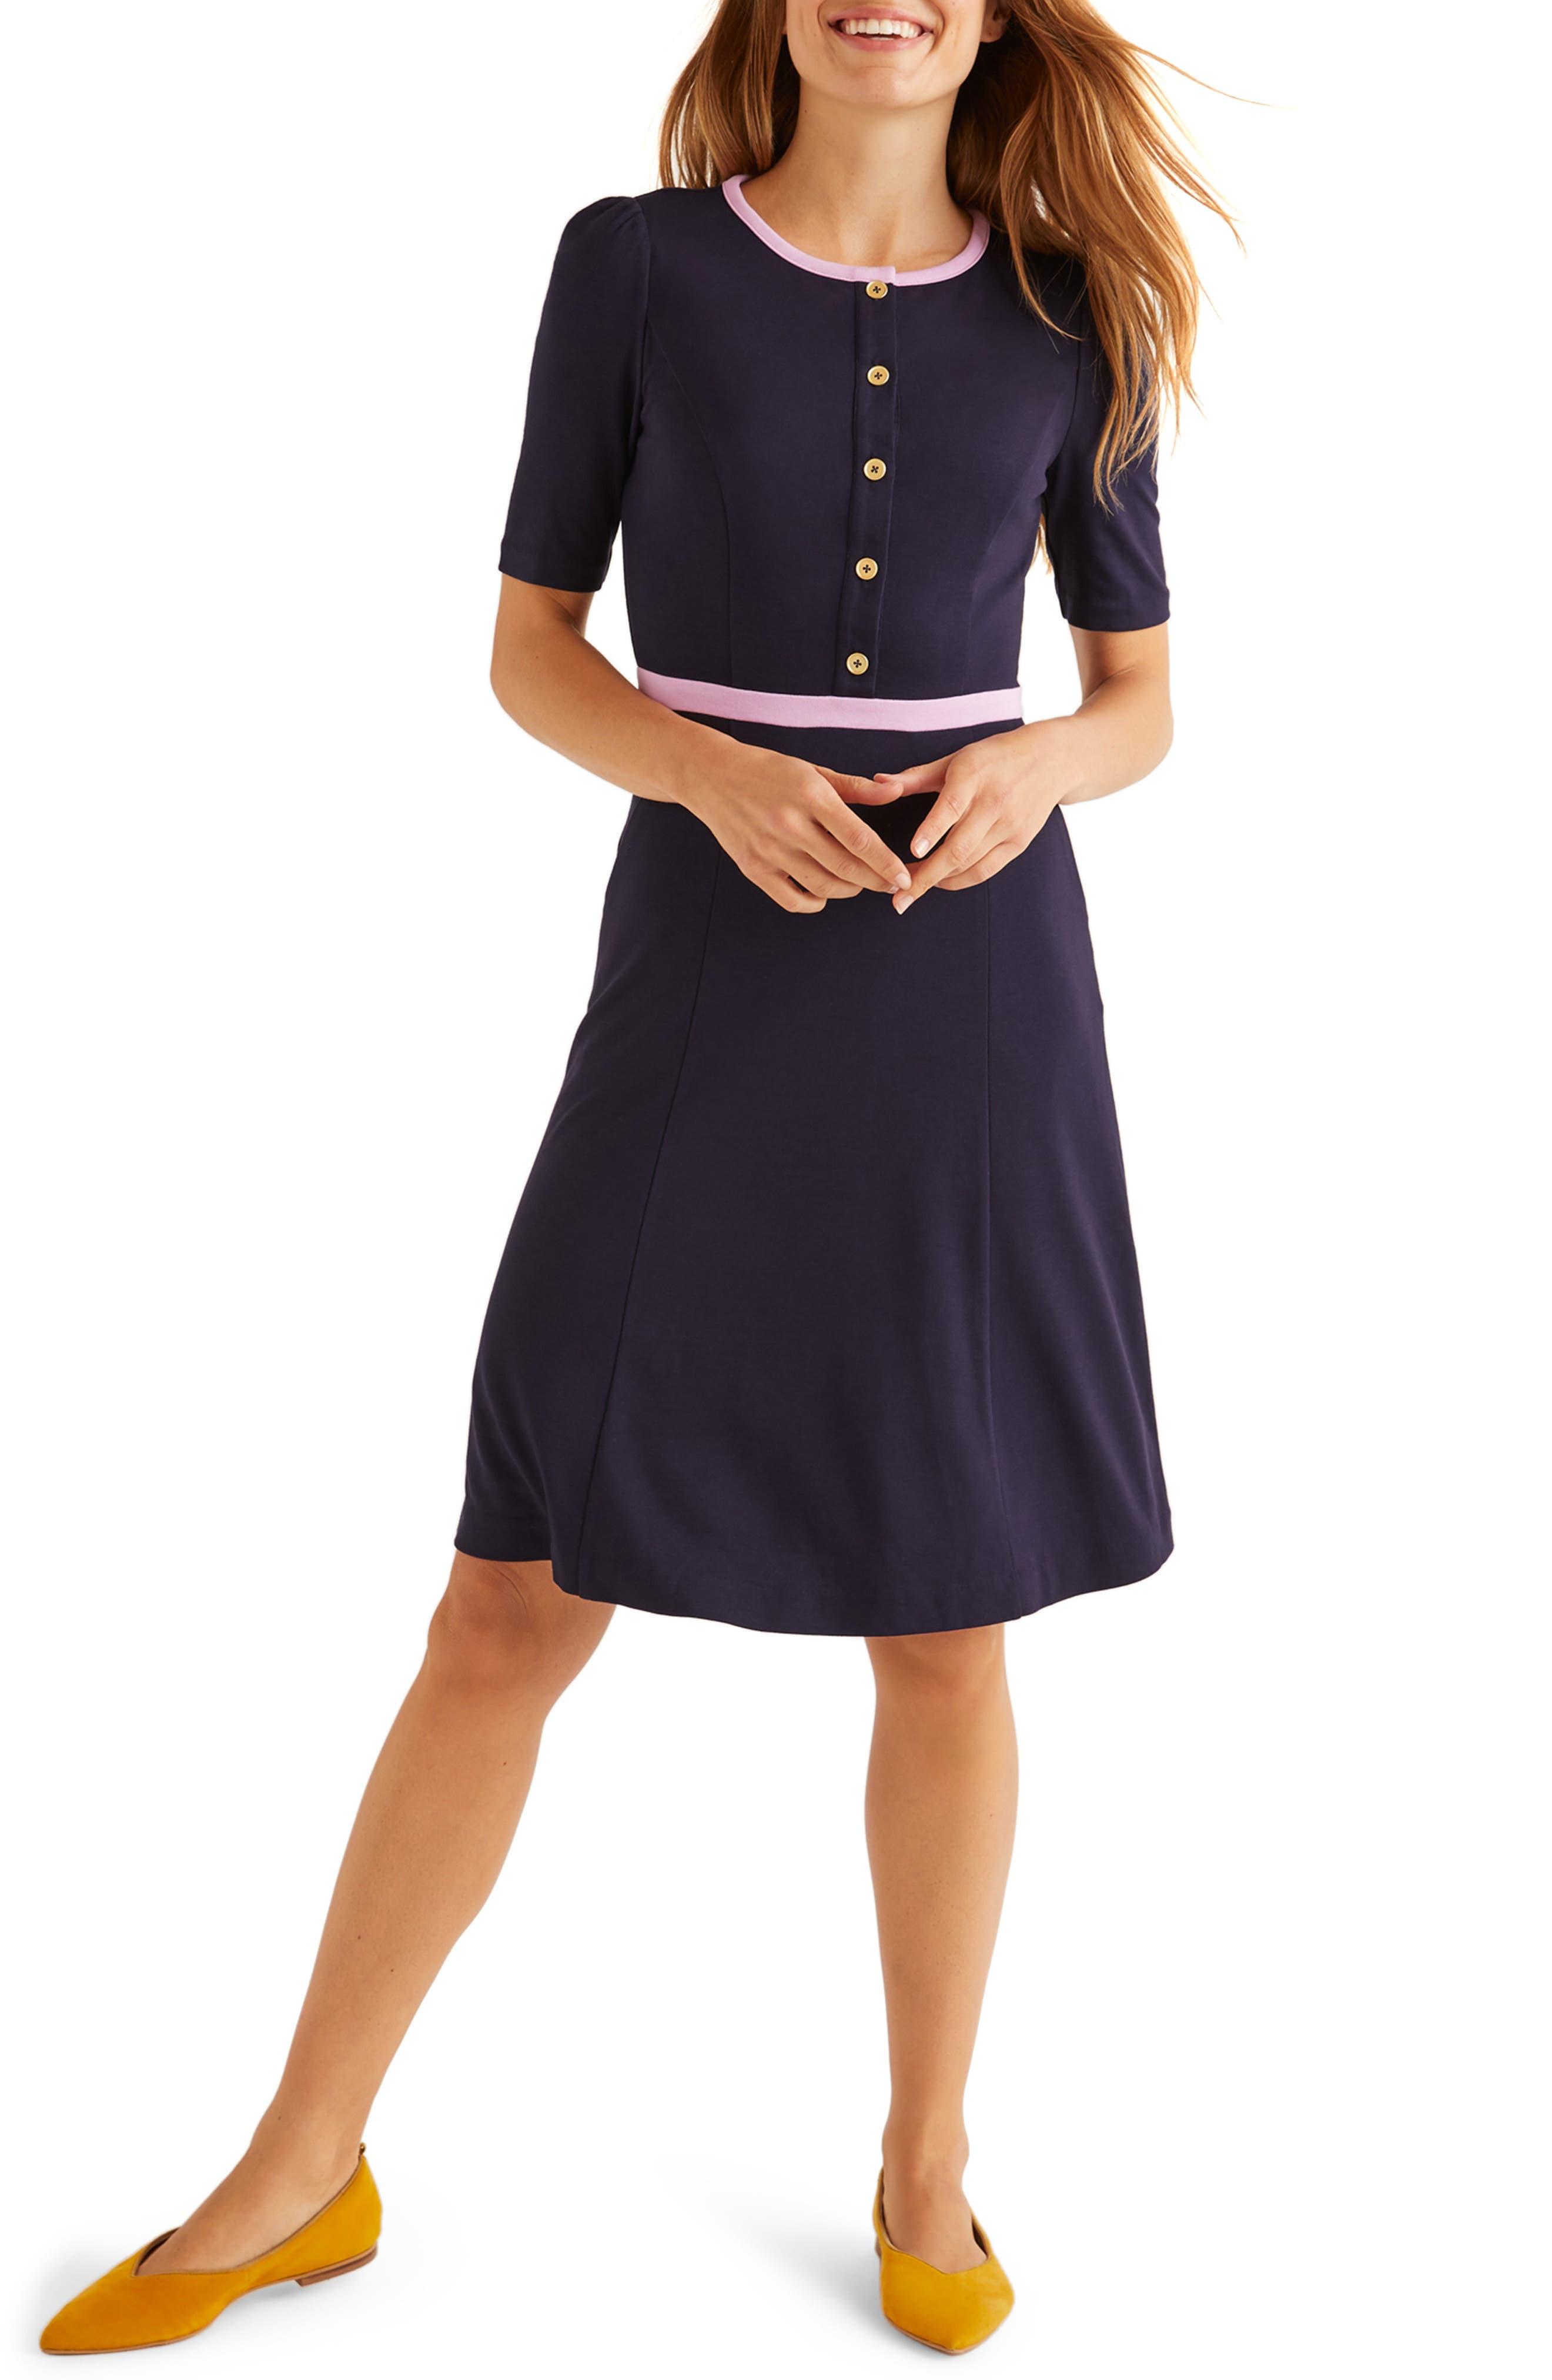 500 Vintage Style Dresses for Sale Womens Boden Maria Ponte Dress Size 12 - Blue $120.00 AT vintagedancer.com